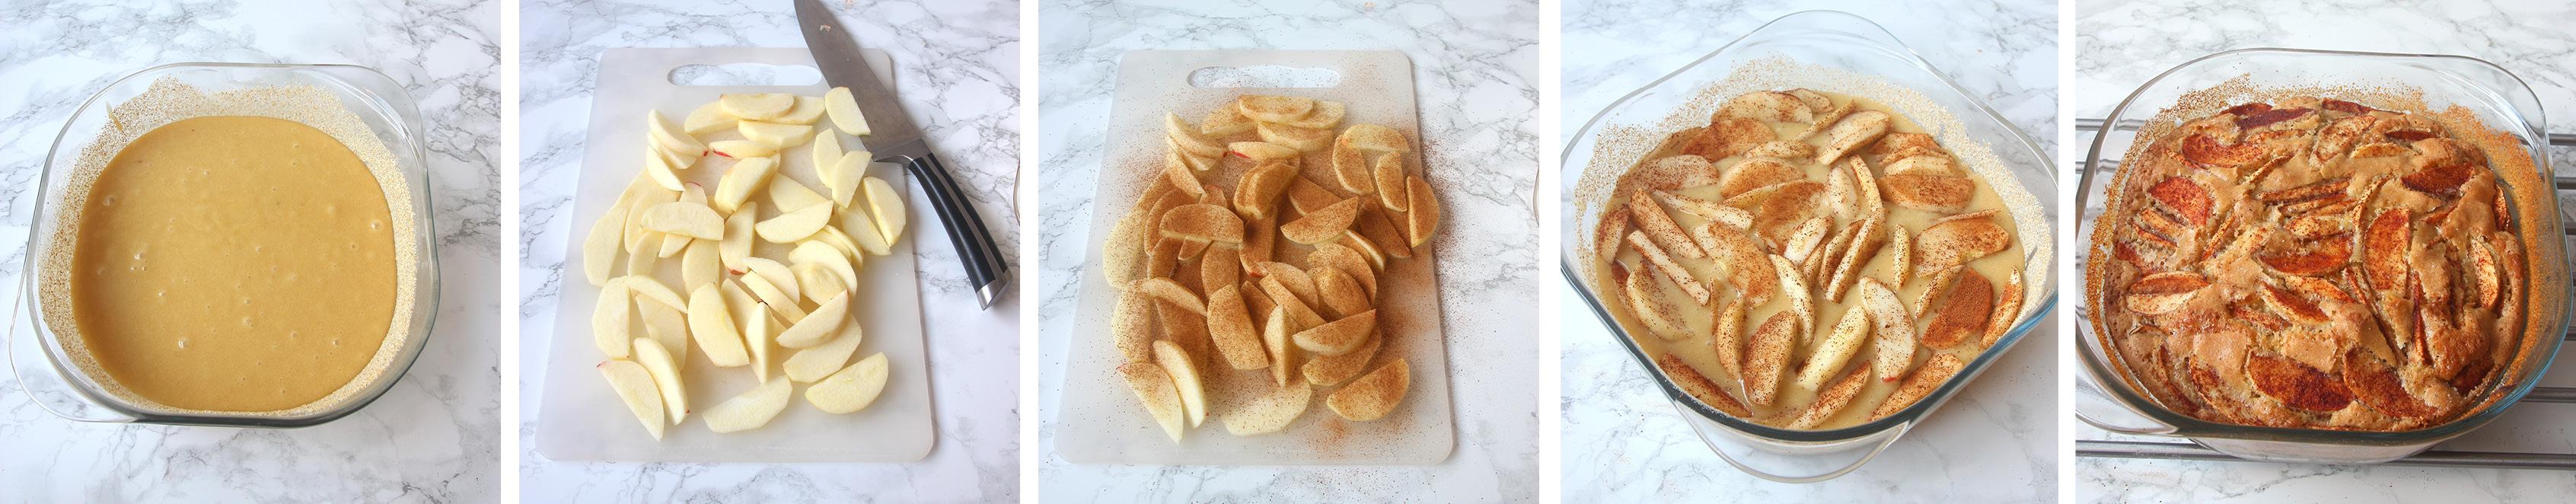 Underbarappelkaka2